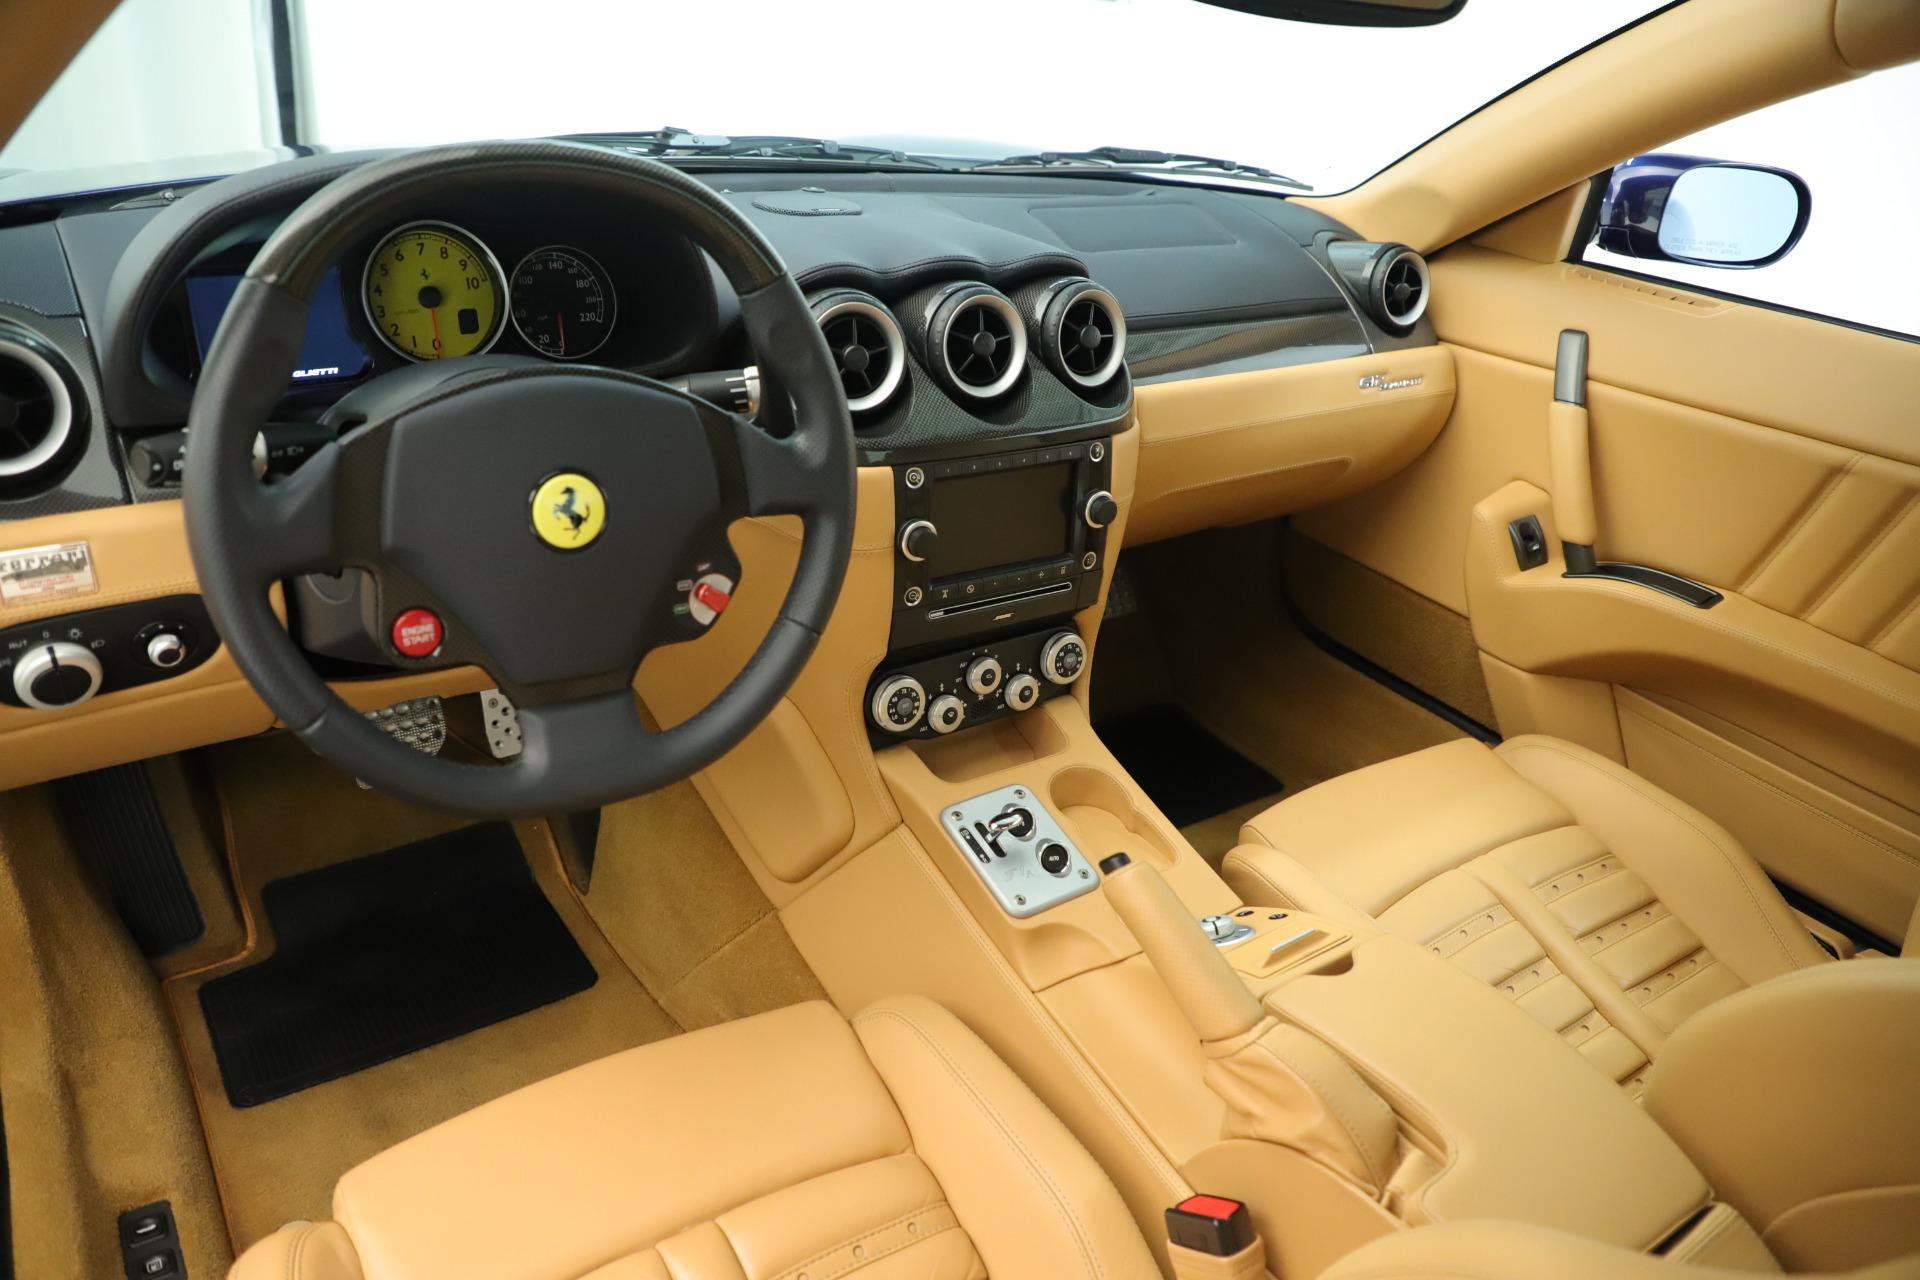 Used 2009 Ferrari 612 Scaglietti OTO For Sale In Westport, CT 3365_p14